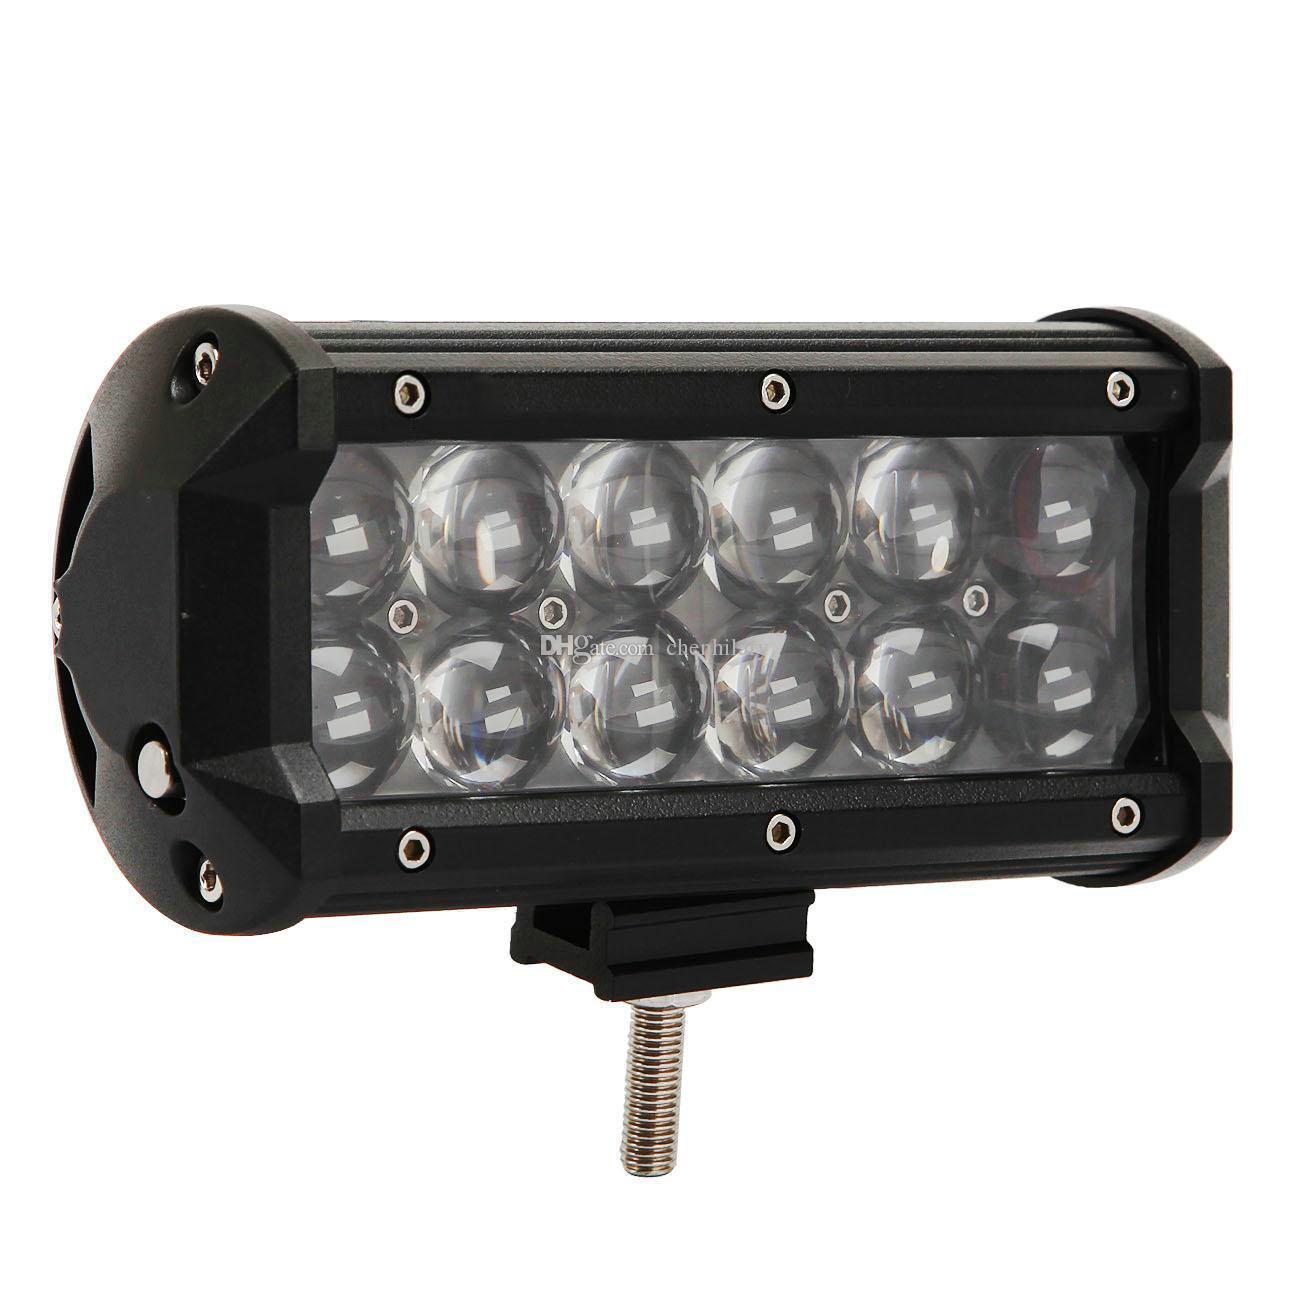 7 '' Osram LED Bar 60W 7 Zoll LED Lichtleiste LKW SUV JEEP ATV Offroad 4x4 12V 24V Spot Flut 12X5W Osram LED Arbeitslicht